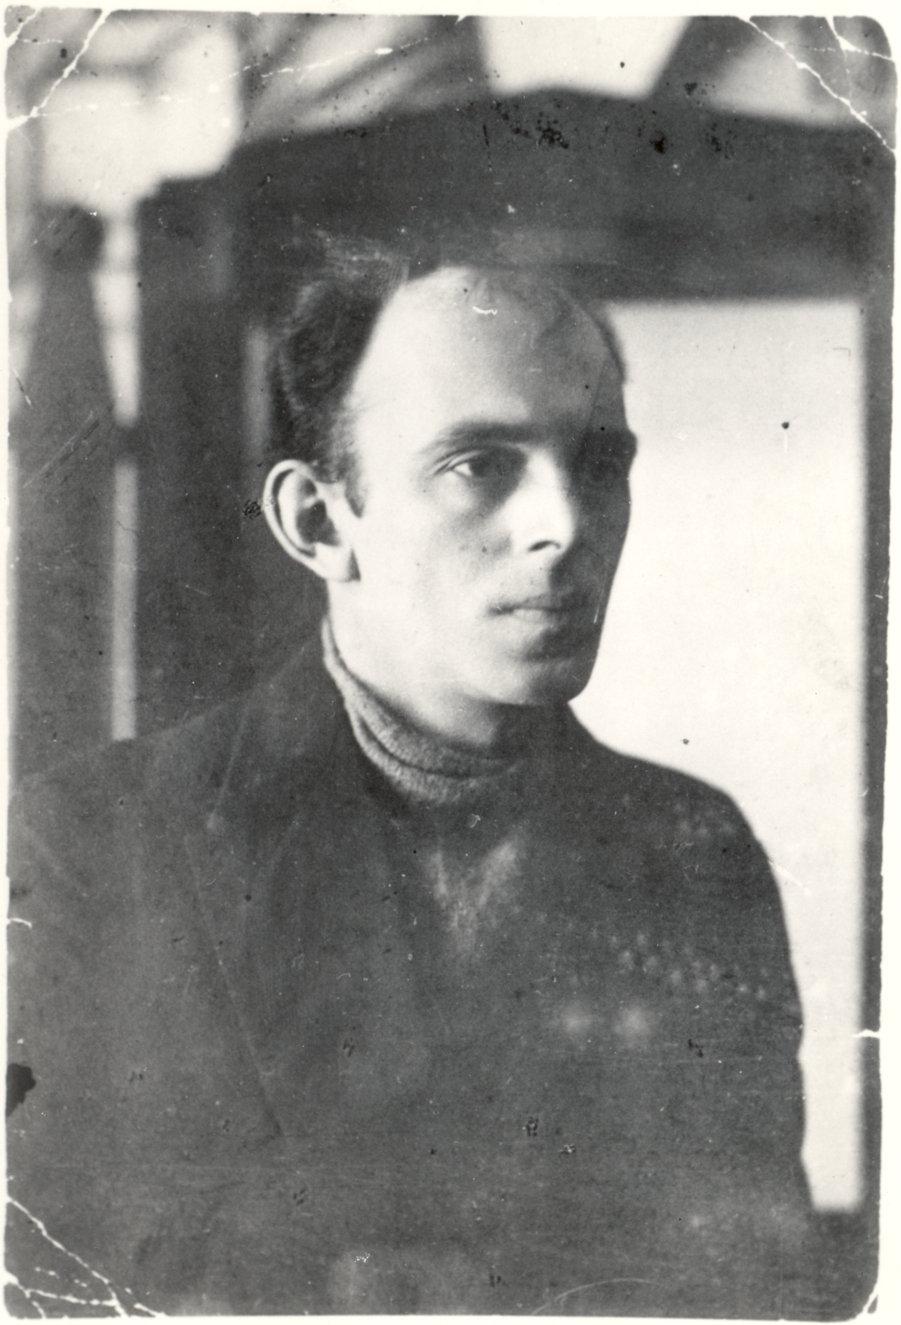 Мандельштам в 1923 году: фотография из журнала Огонёк